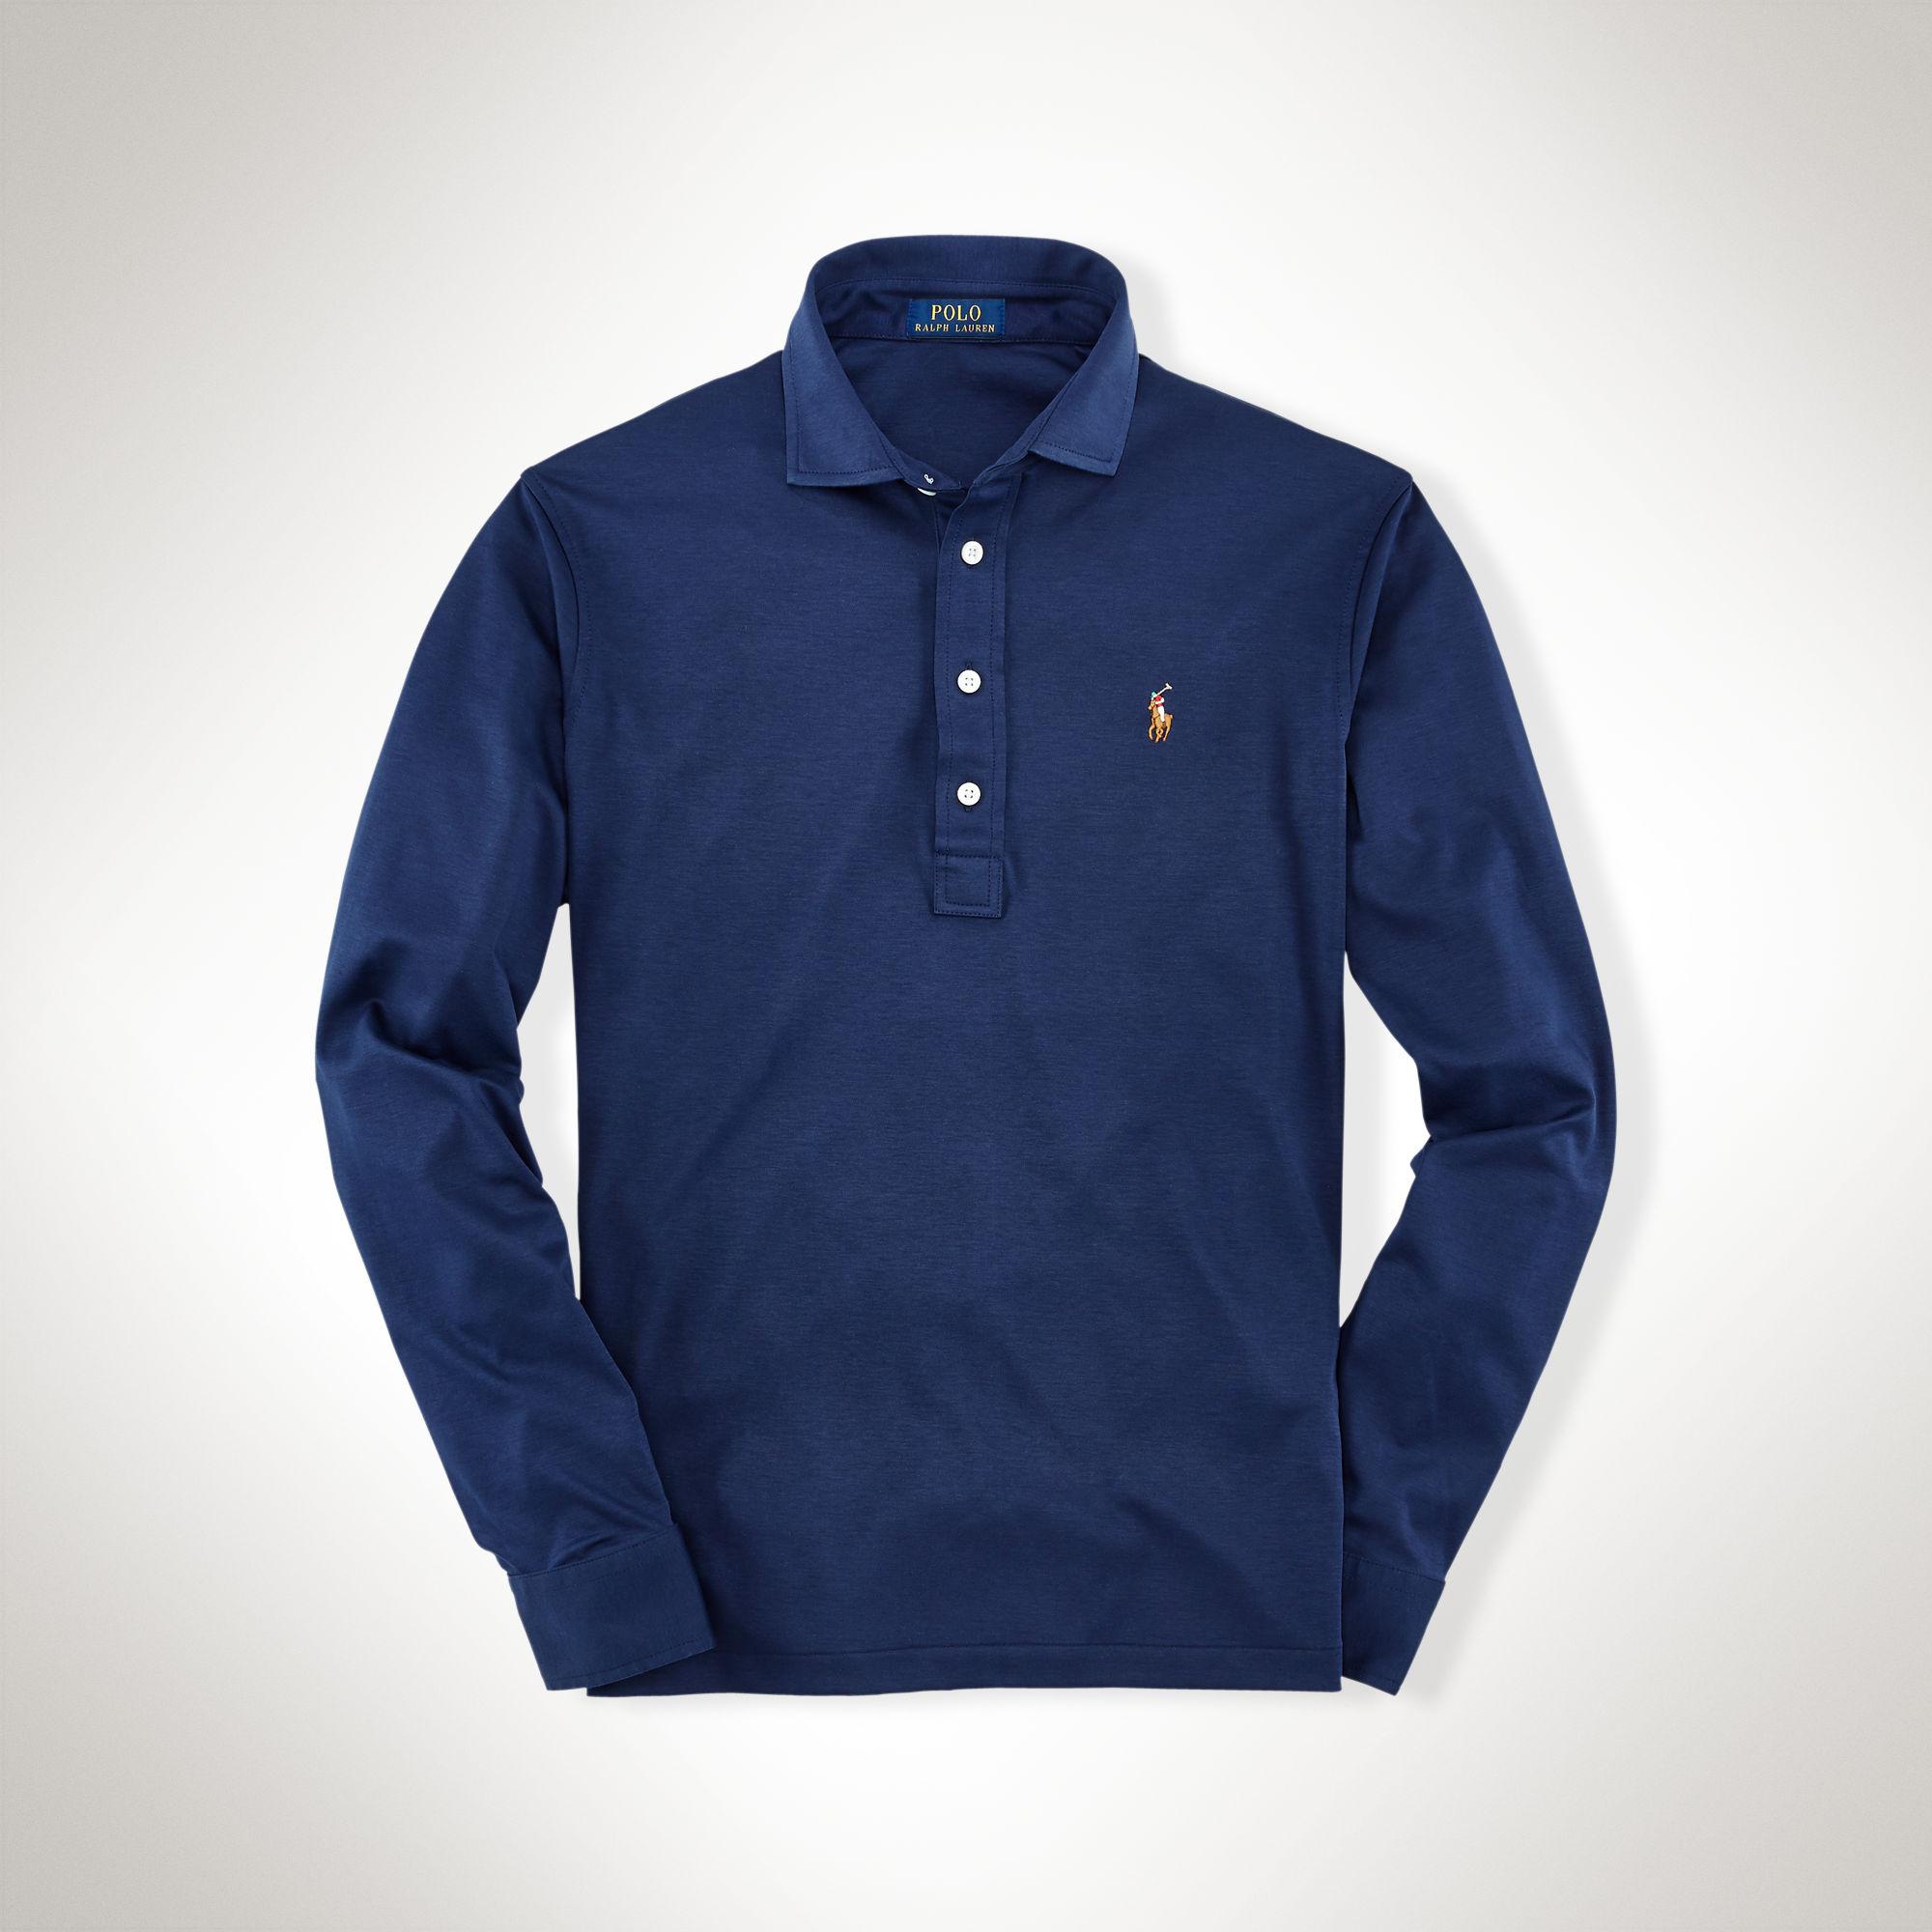 Polo Men Ralph Lauren Darkblue Short Sleeved